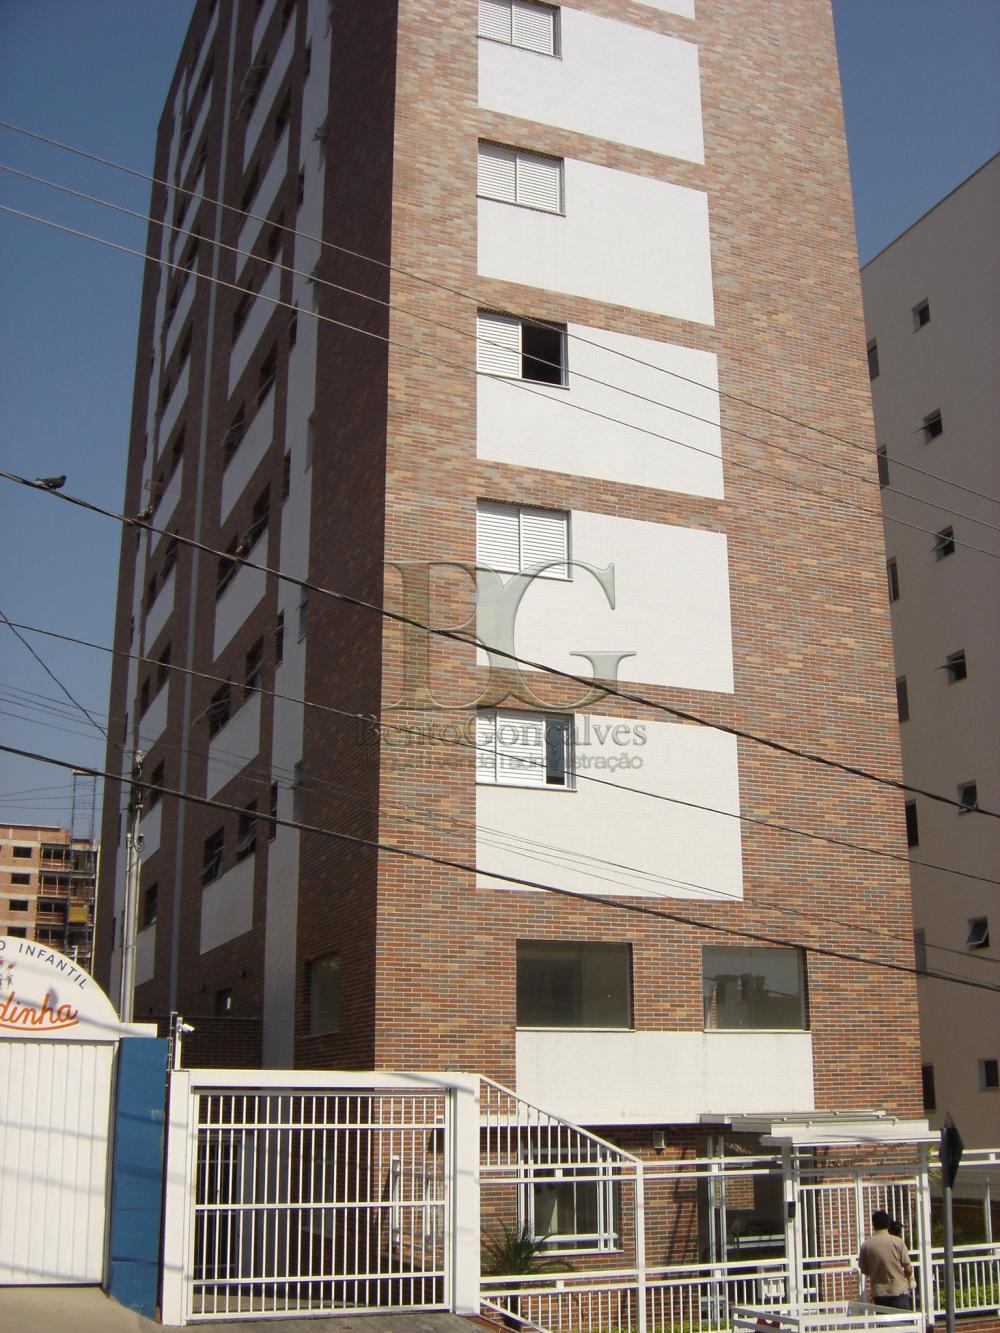 Pocos de Caldas Apartamento Locacao R$ 1.850,00 Condominio R$450,00 3 Dormitorios 1 Suite Area do terreno 0.01m2 Area construida 0.01m2